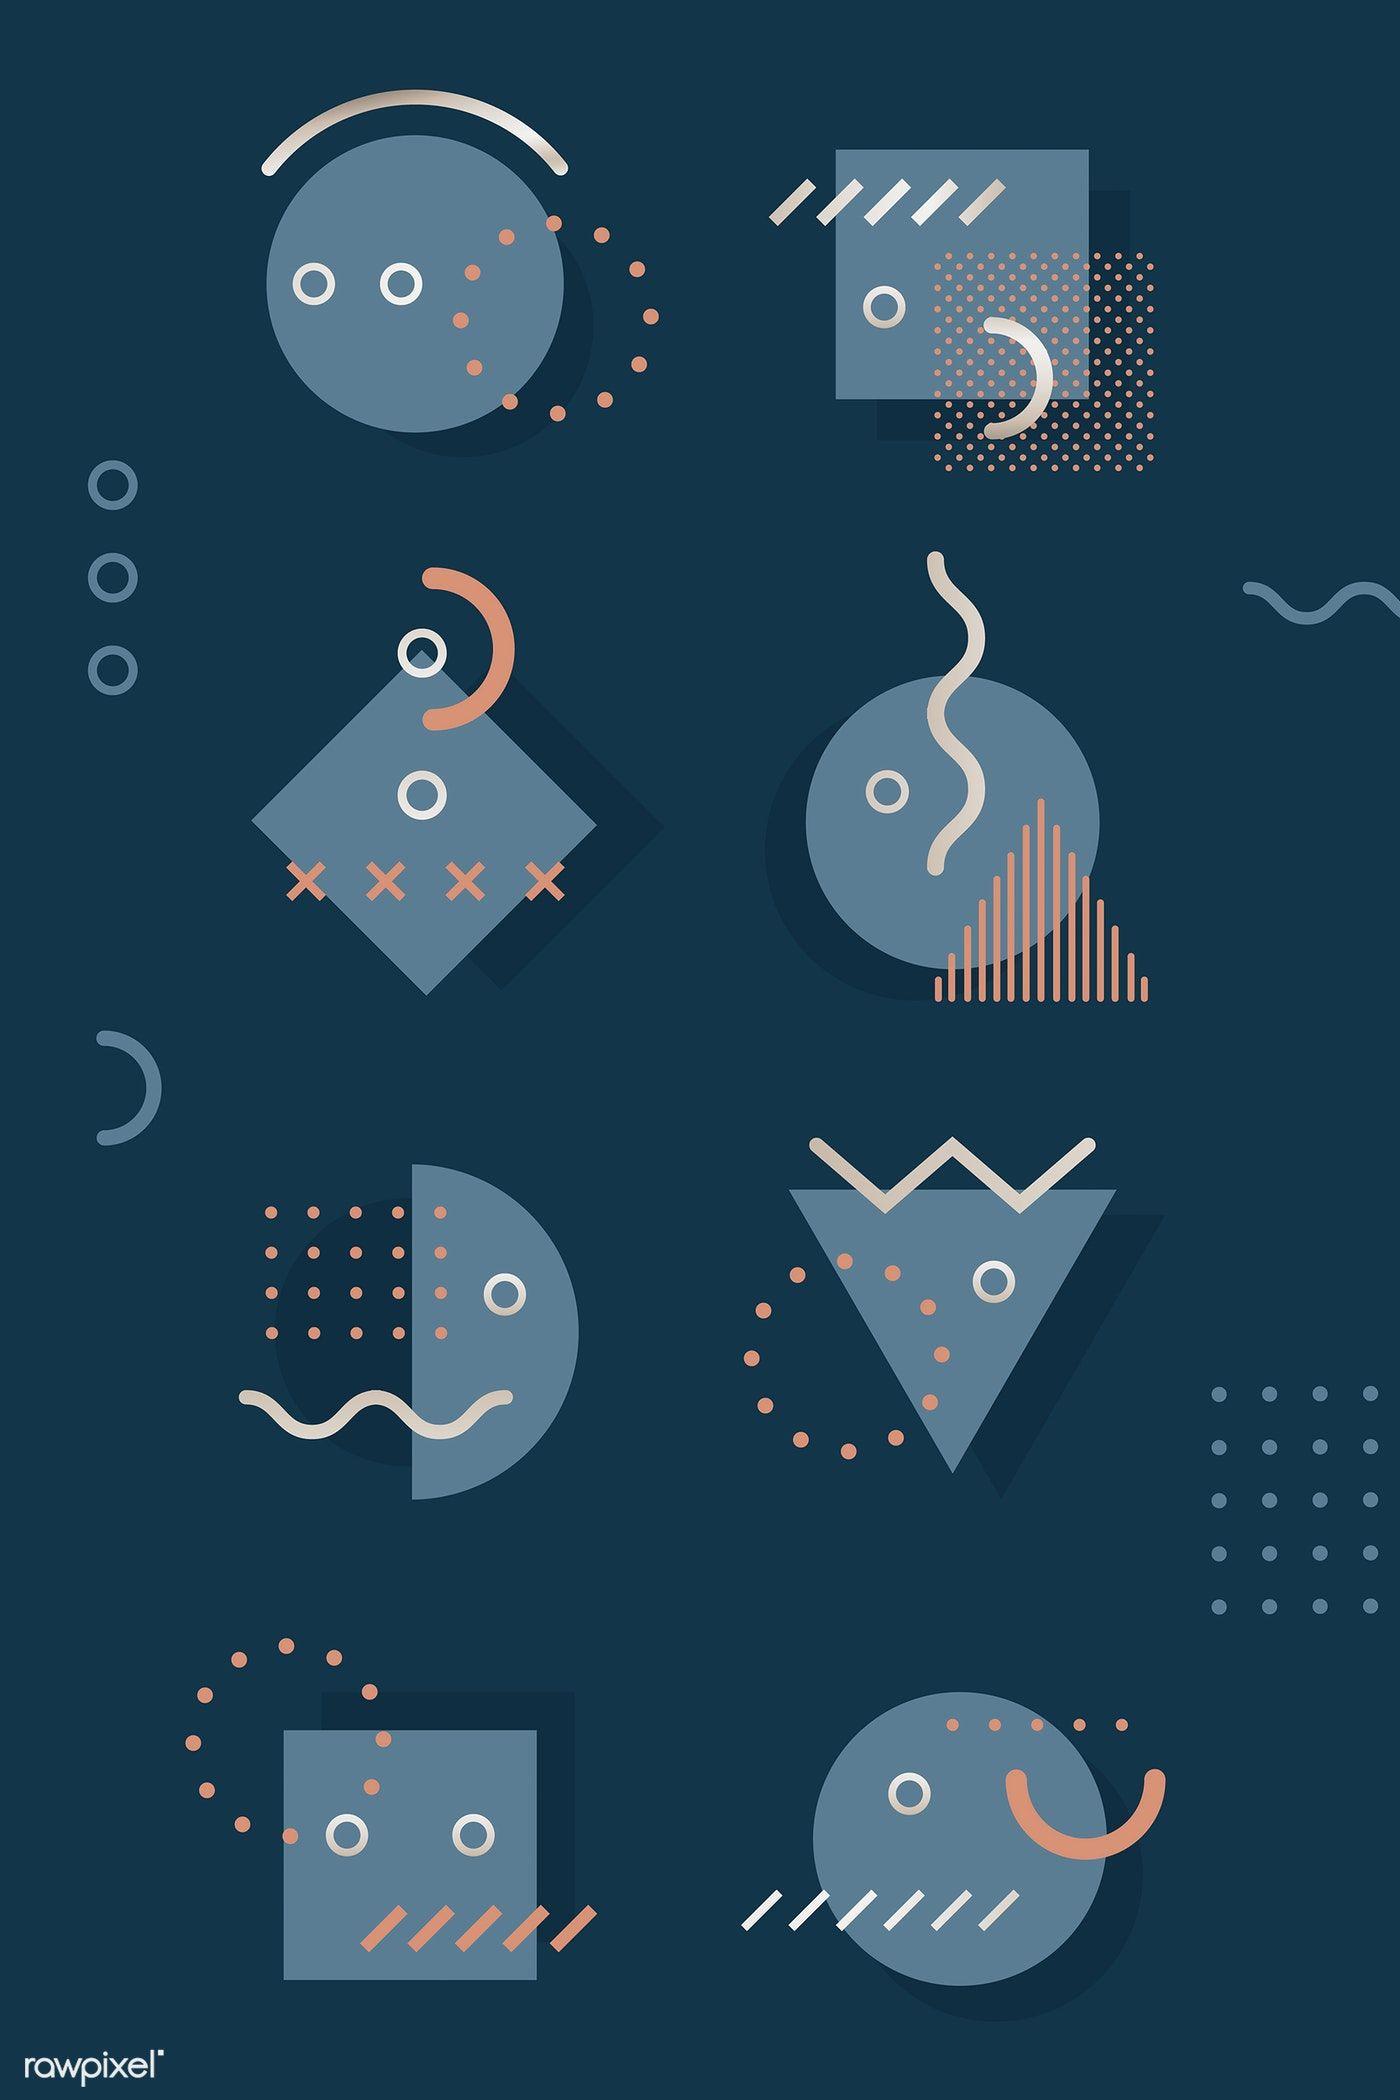 Download premium vector of Dark blue tone Memphis design element pack